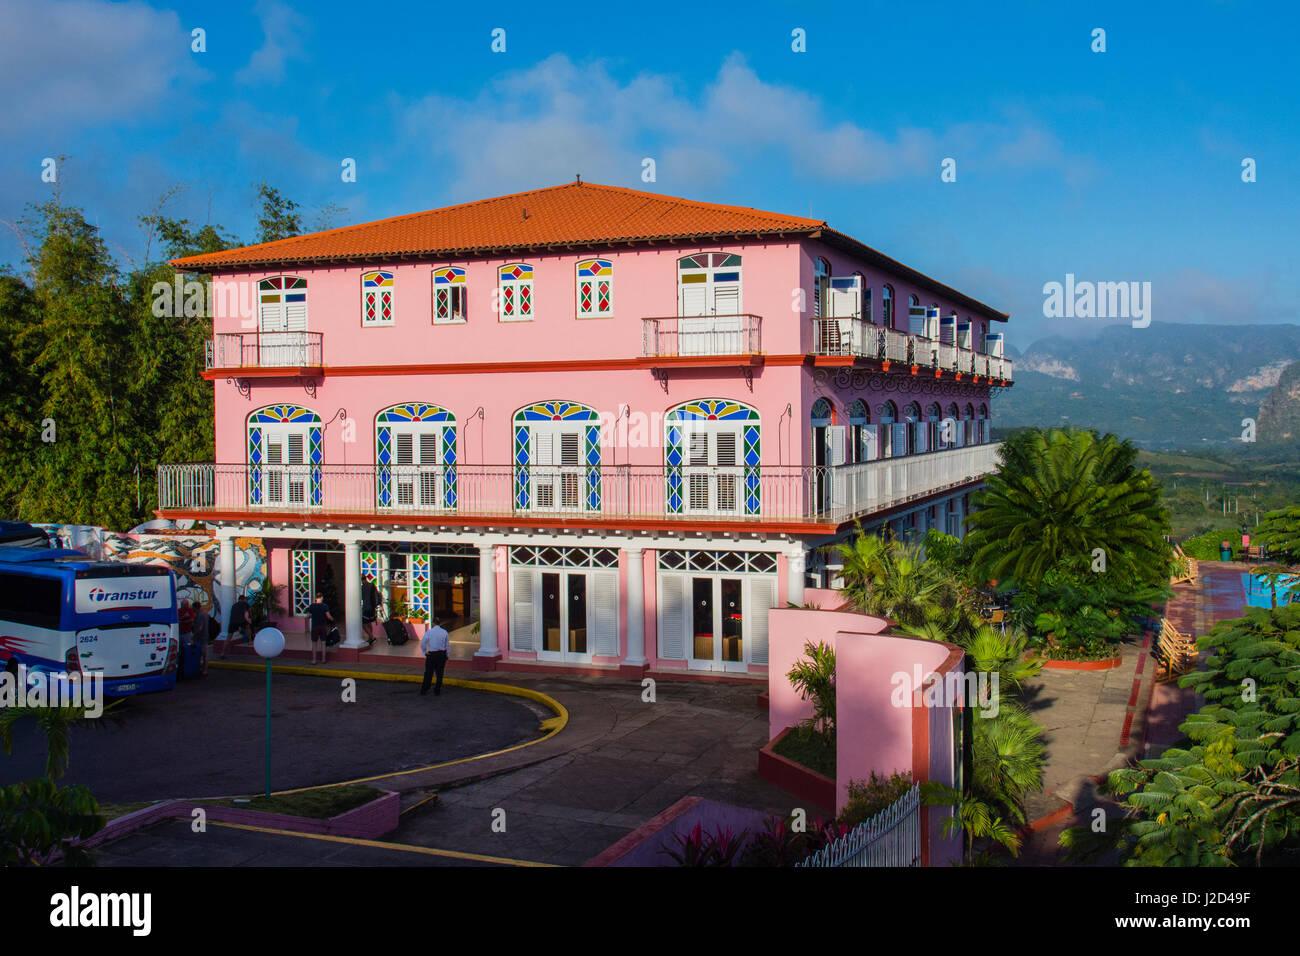 Cuba. Pinar del Rio. Vinales. Hotel Los Jazmines overlooking the Vinales valley. - Stock Image